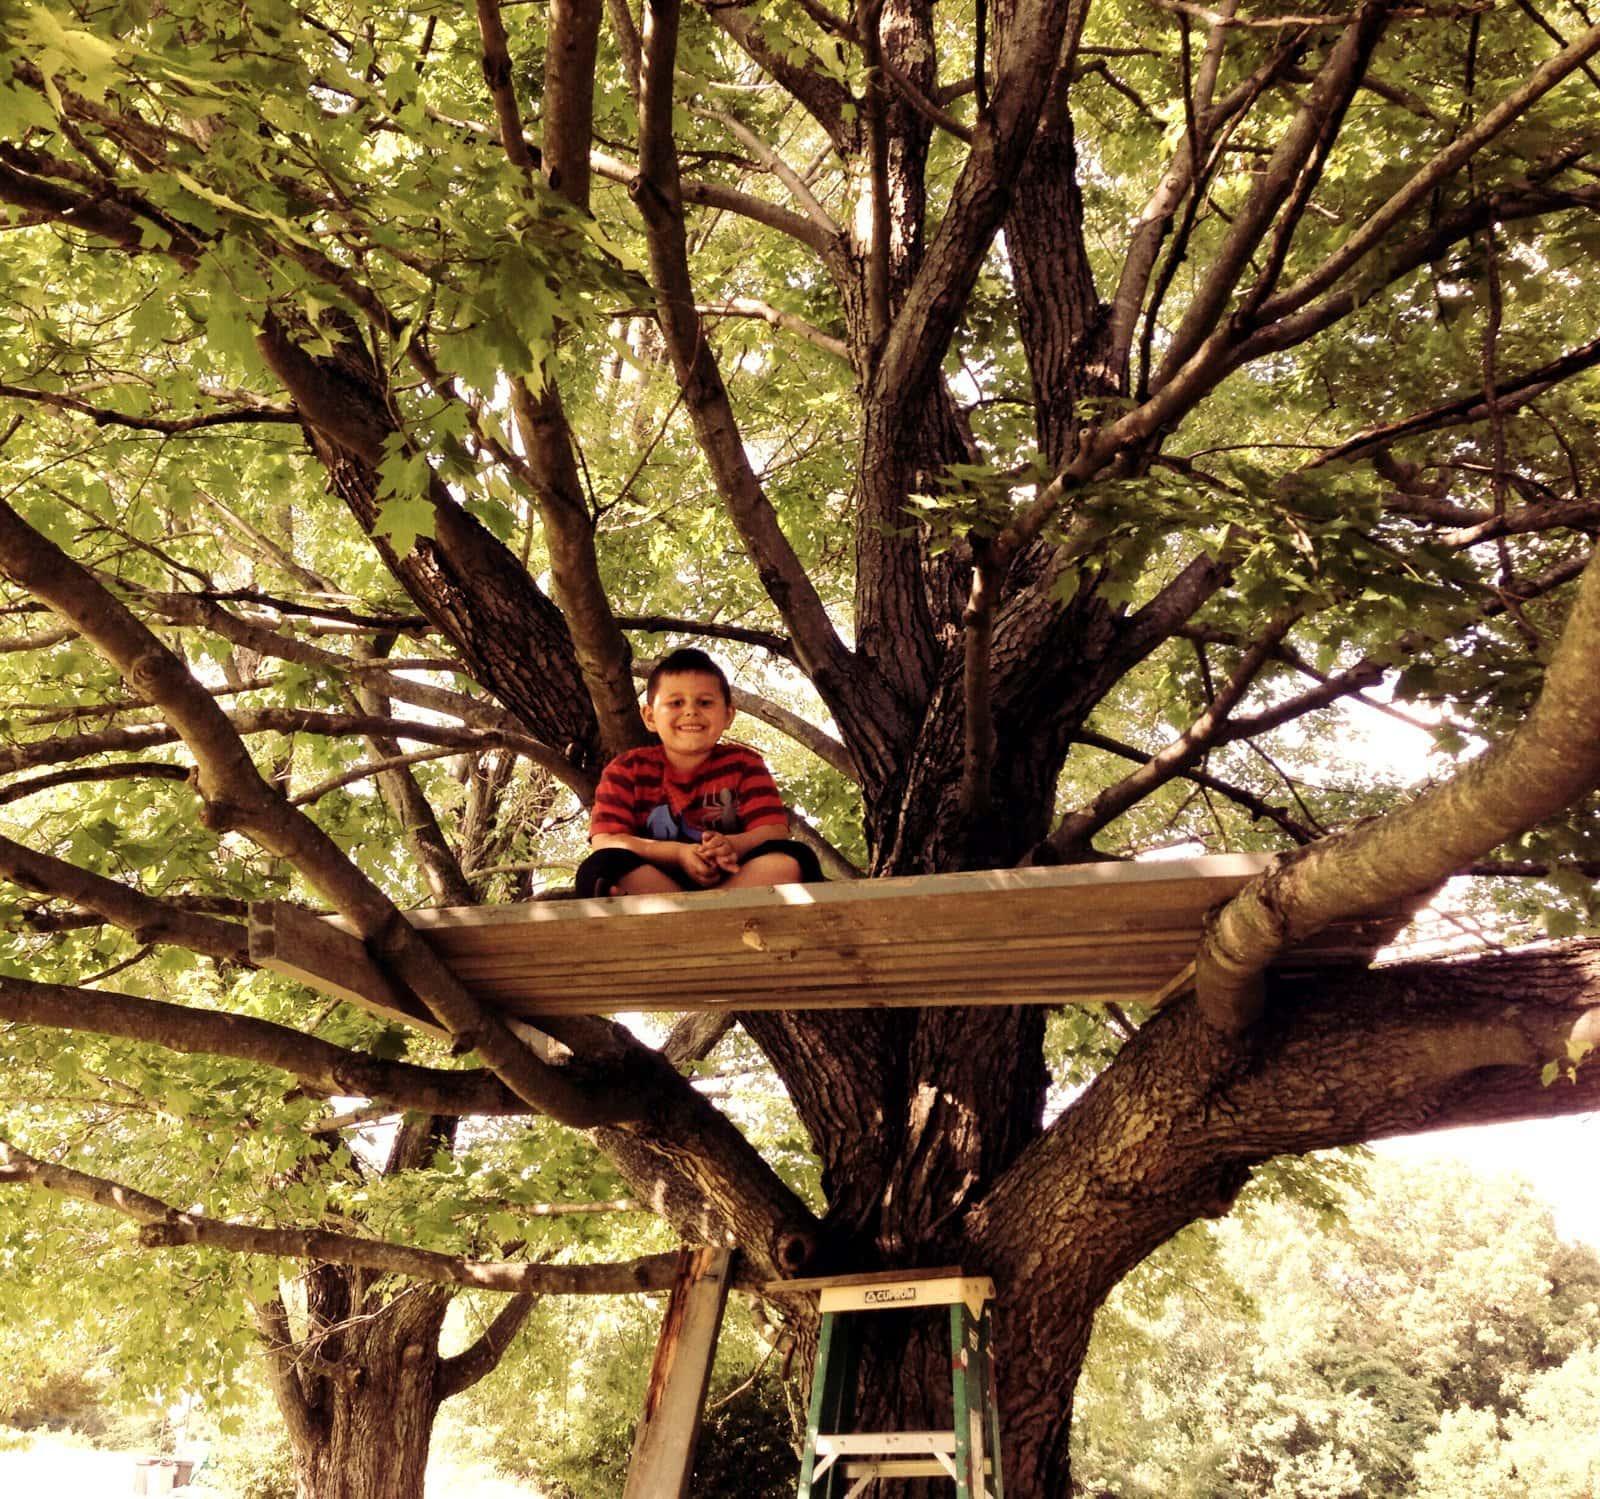 Boy sitting on a treehouse platform base